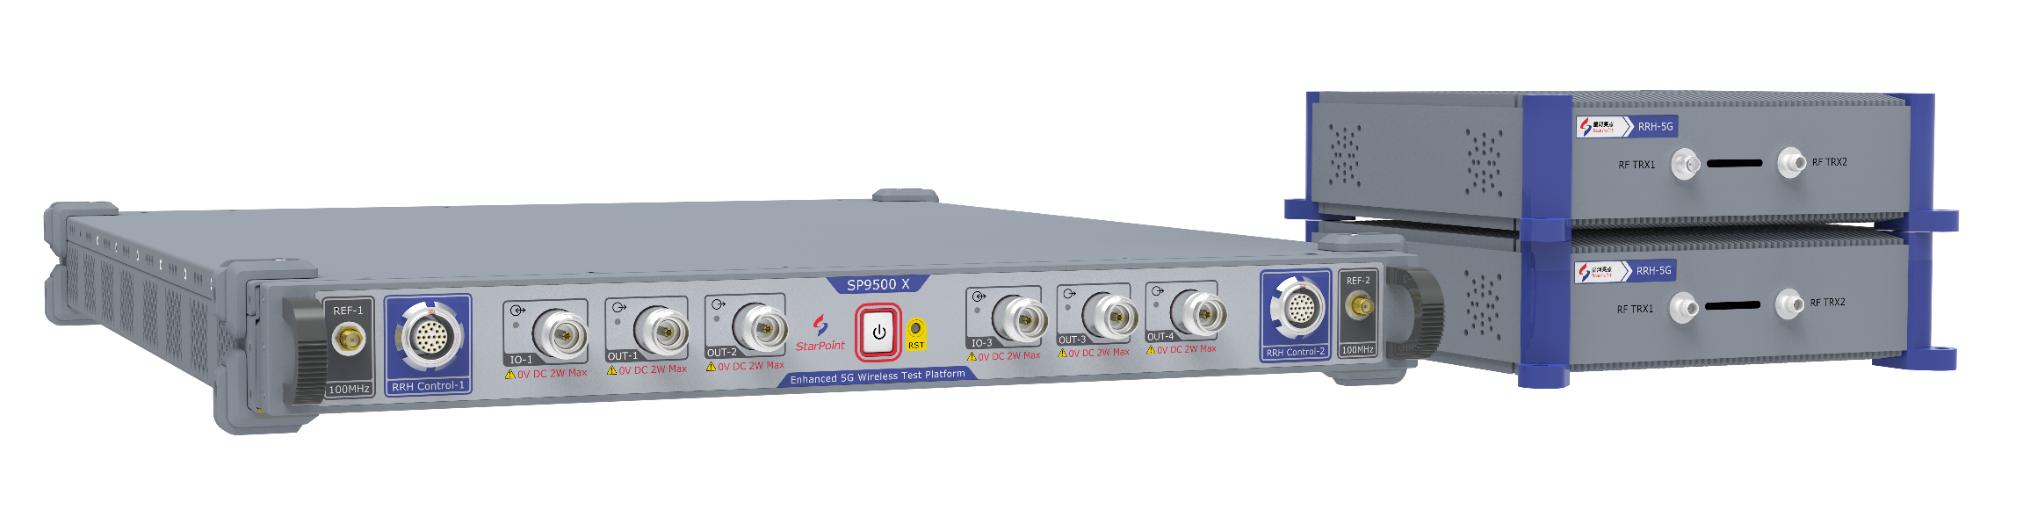 星河亮点推出5G毫米波综测仪原型系统,符合3GPP标准规范要求